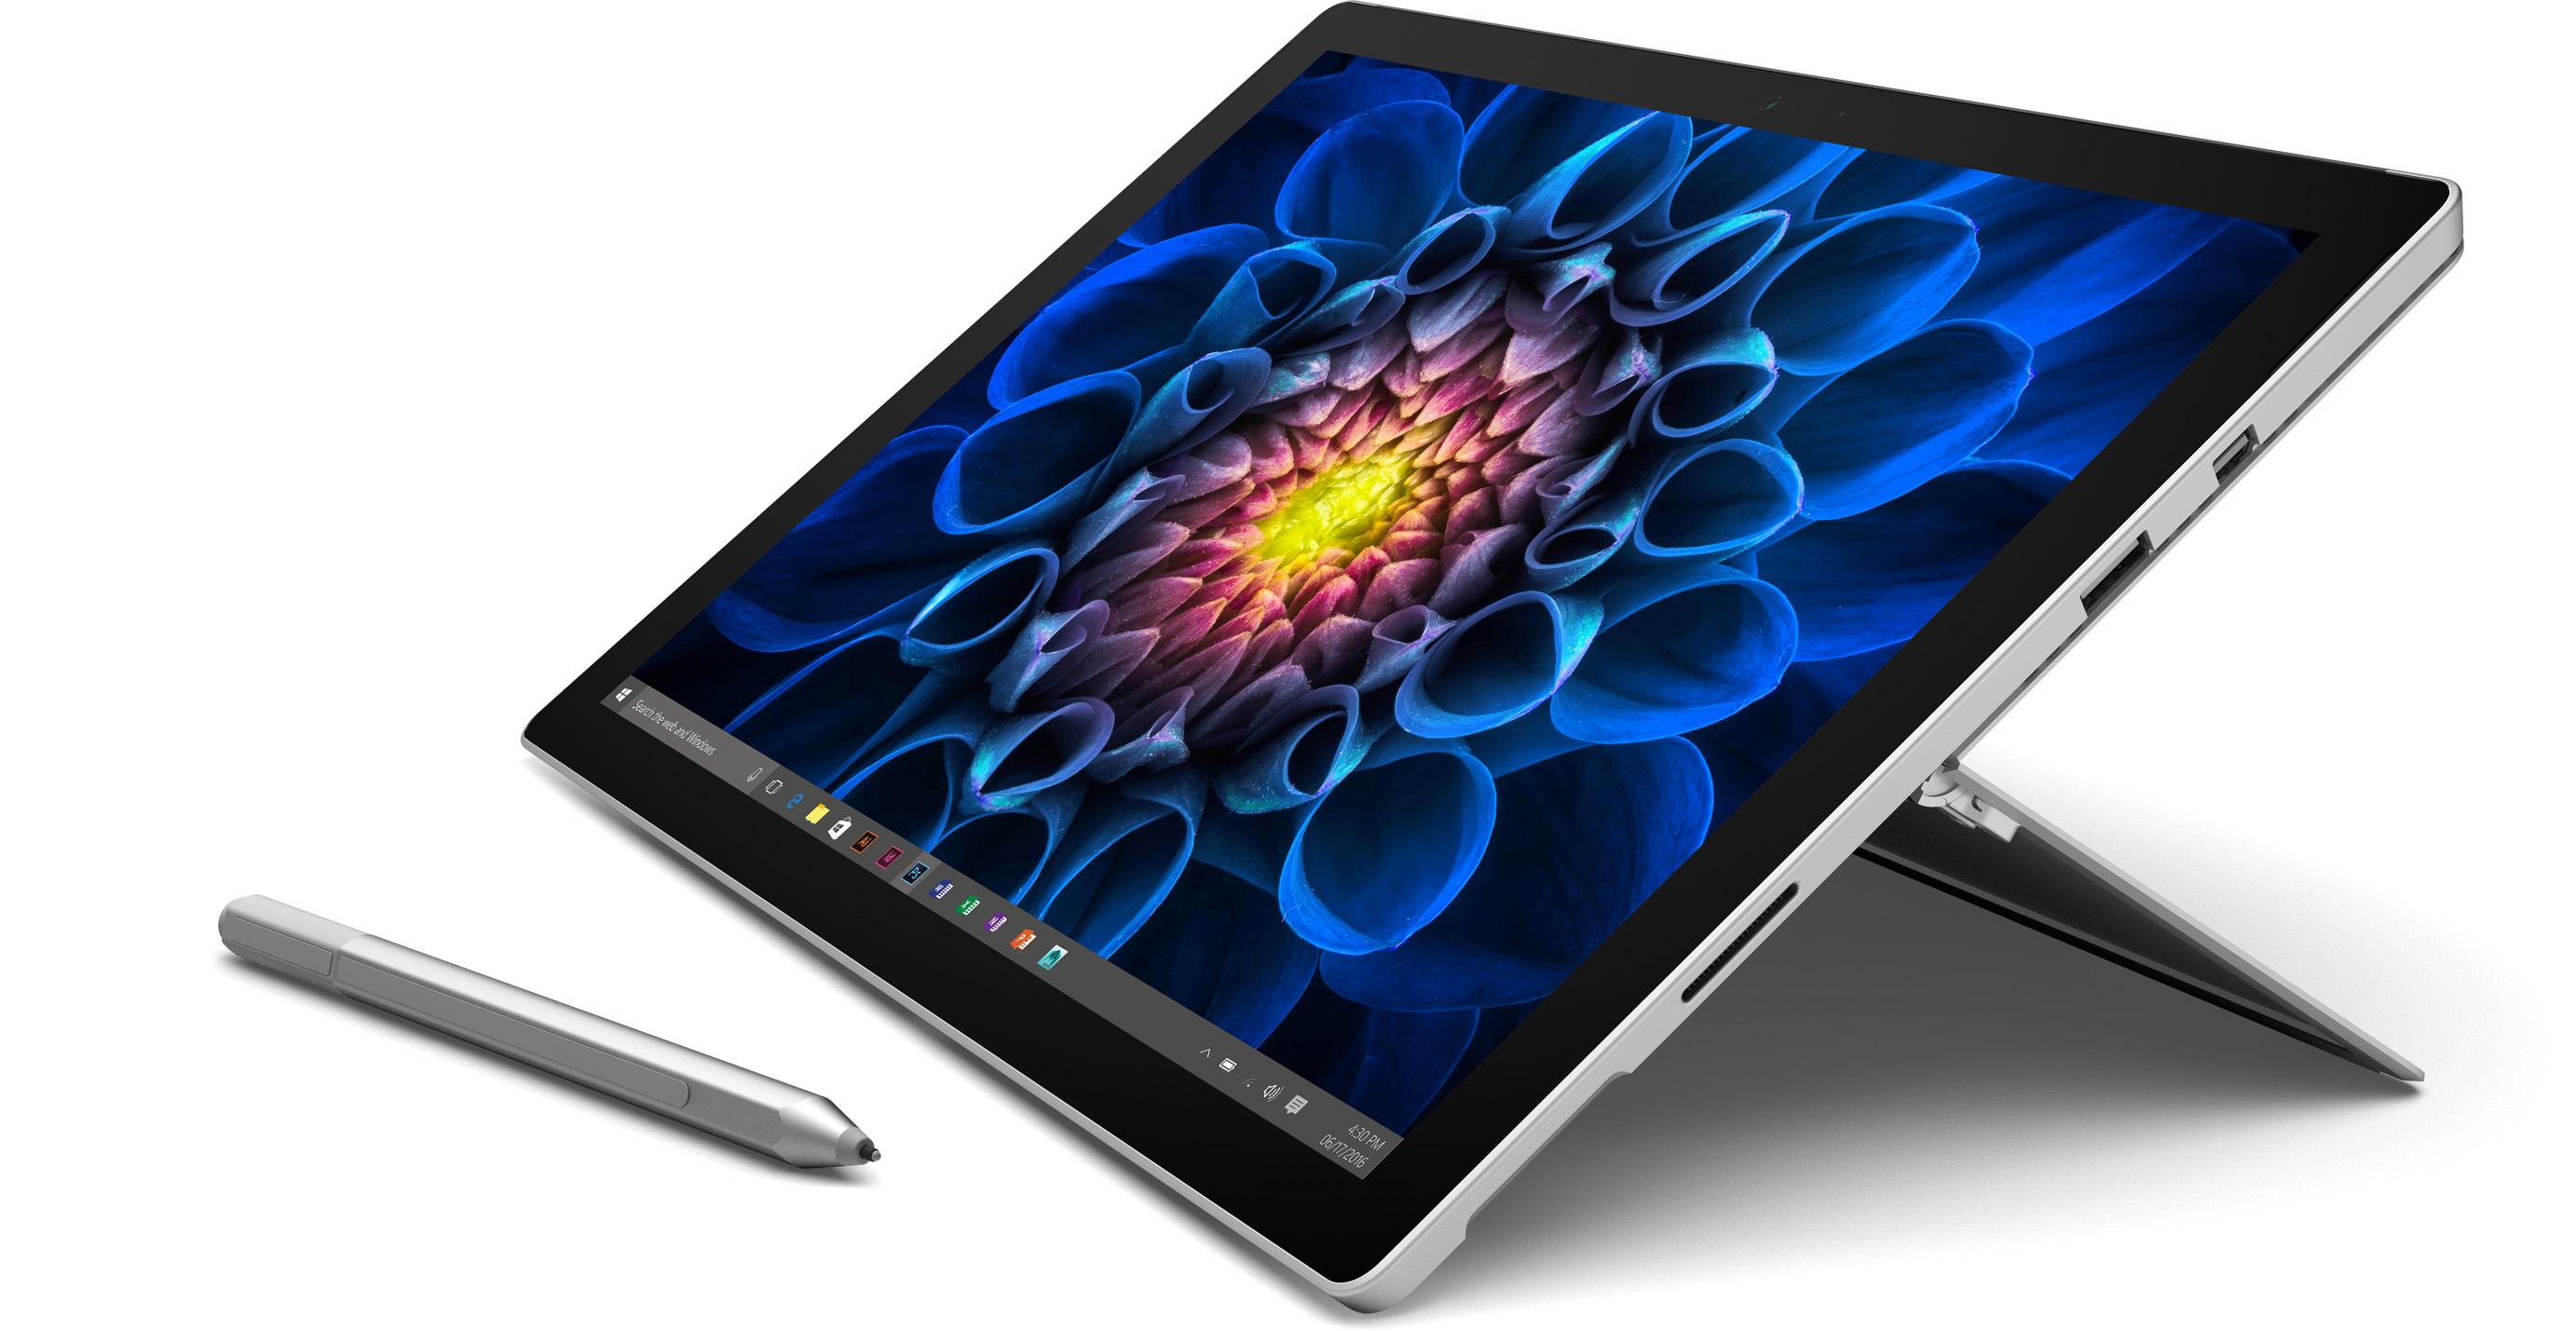 Microsoft Surface Pro 4 128GB M 4GB BSKU SC EN/XD US/Canada Hdwr Refurb Single